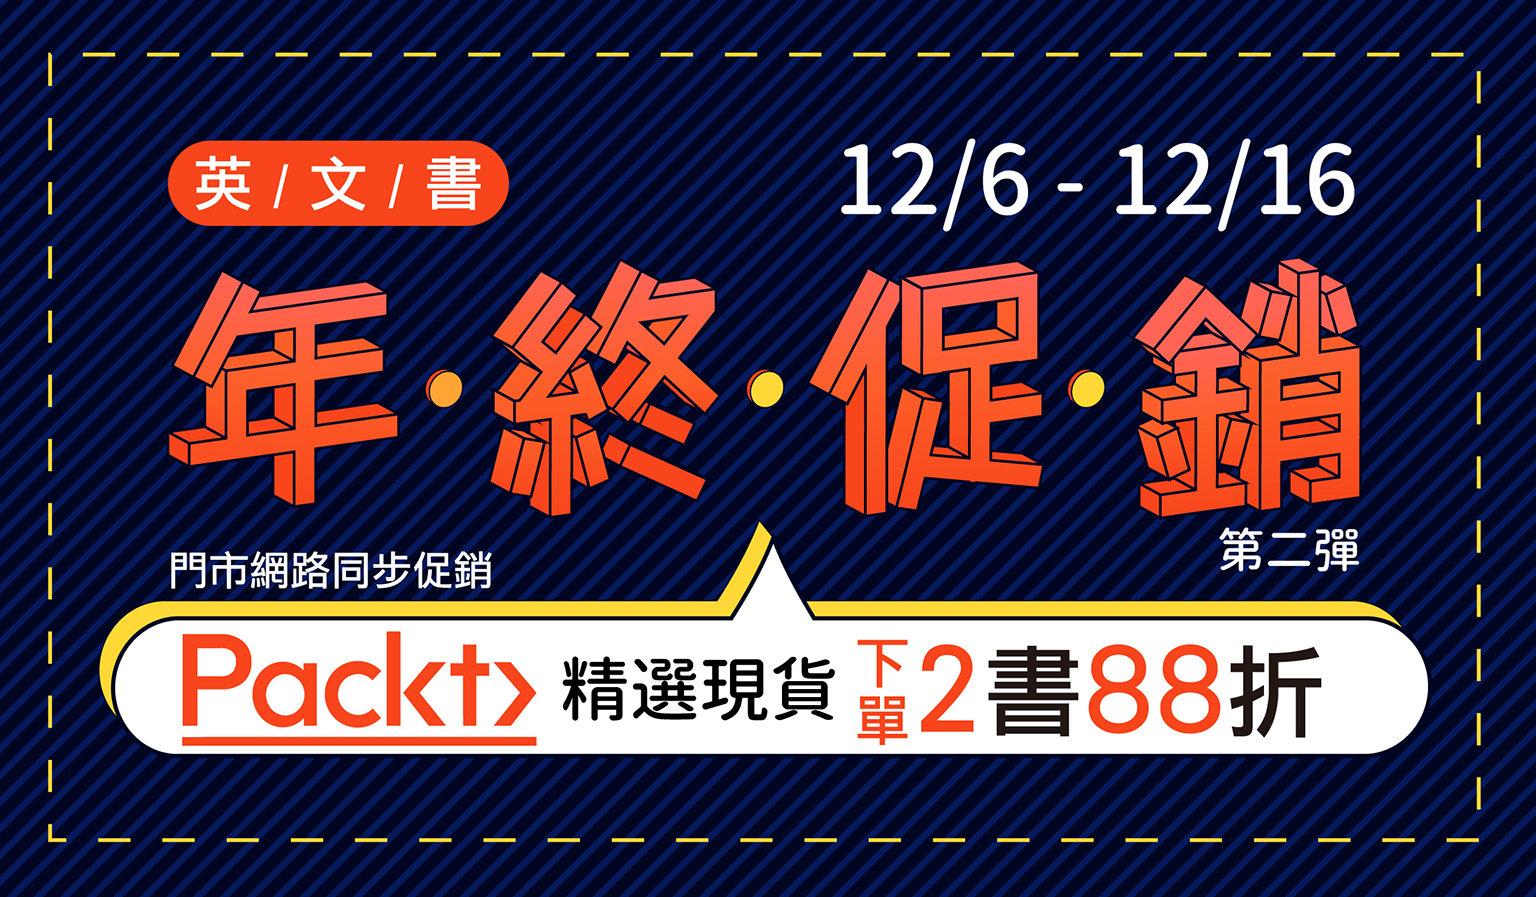 20181210 packt88